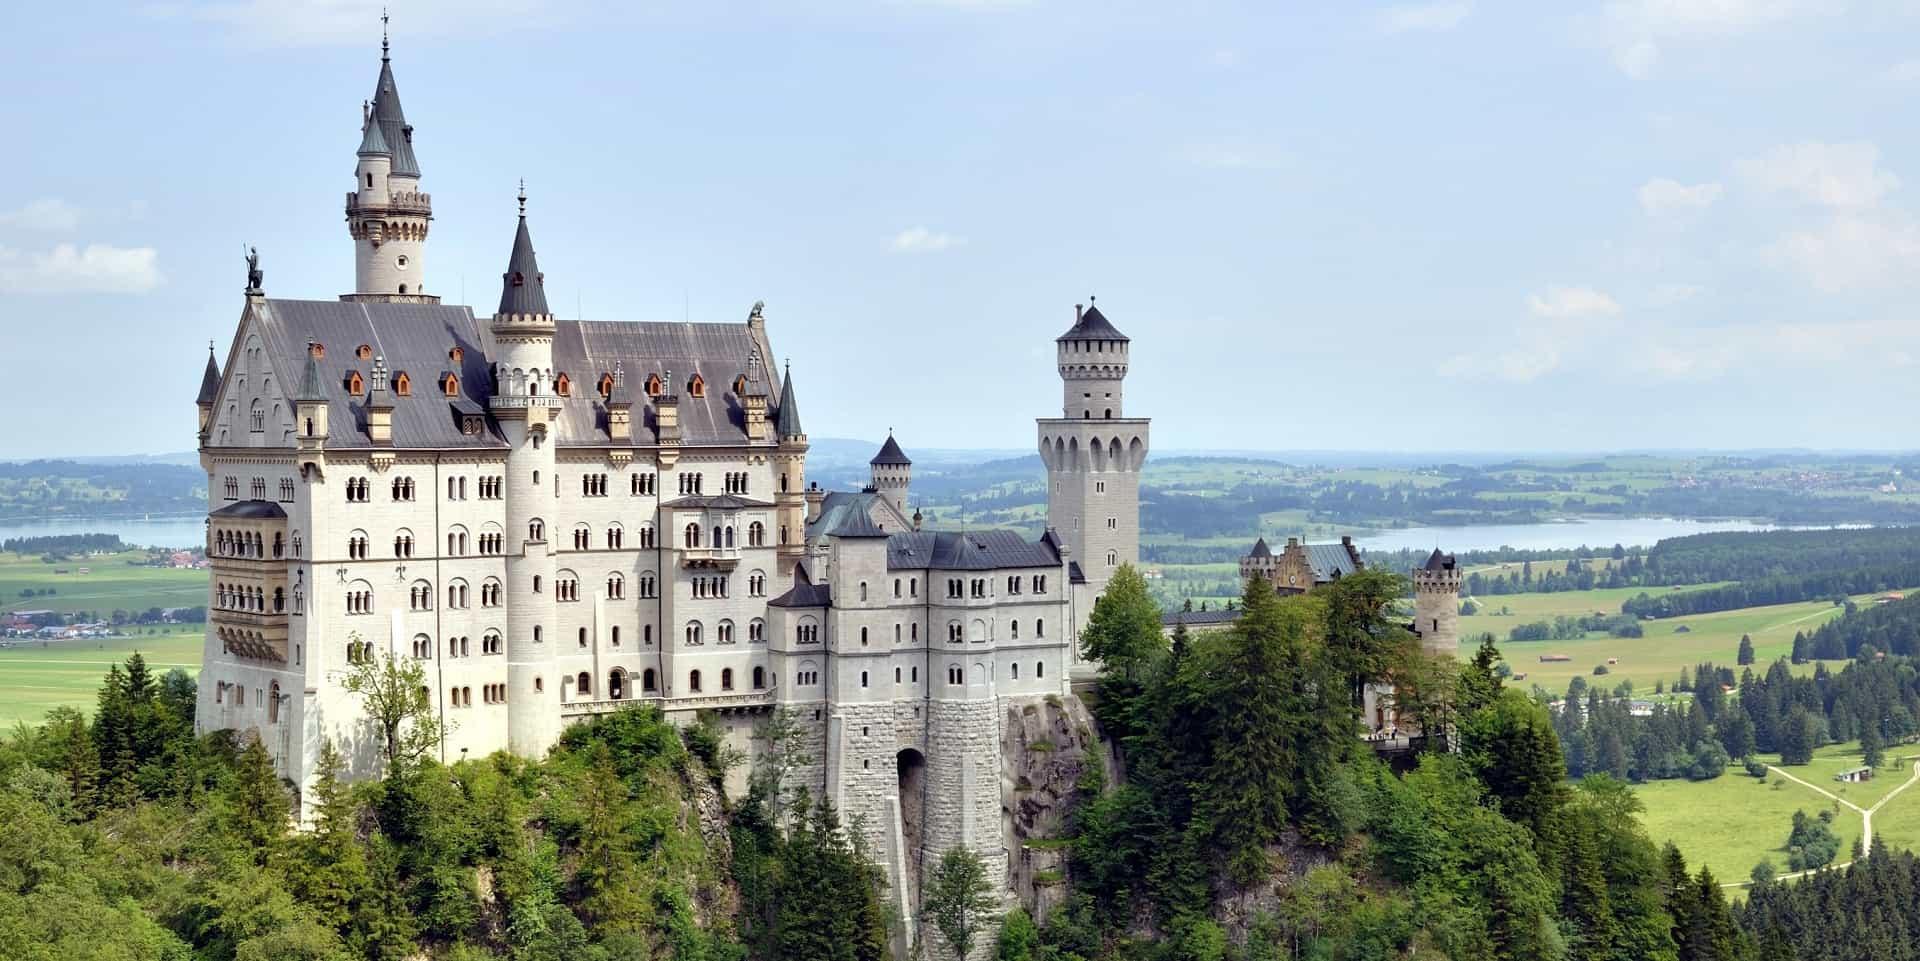 https://unicondor.com.ua/uploads/images/excursion-round-to-germany-noschwanstein.jpg